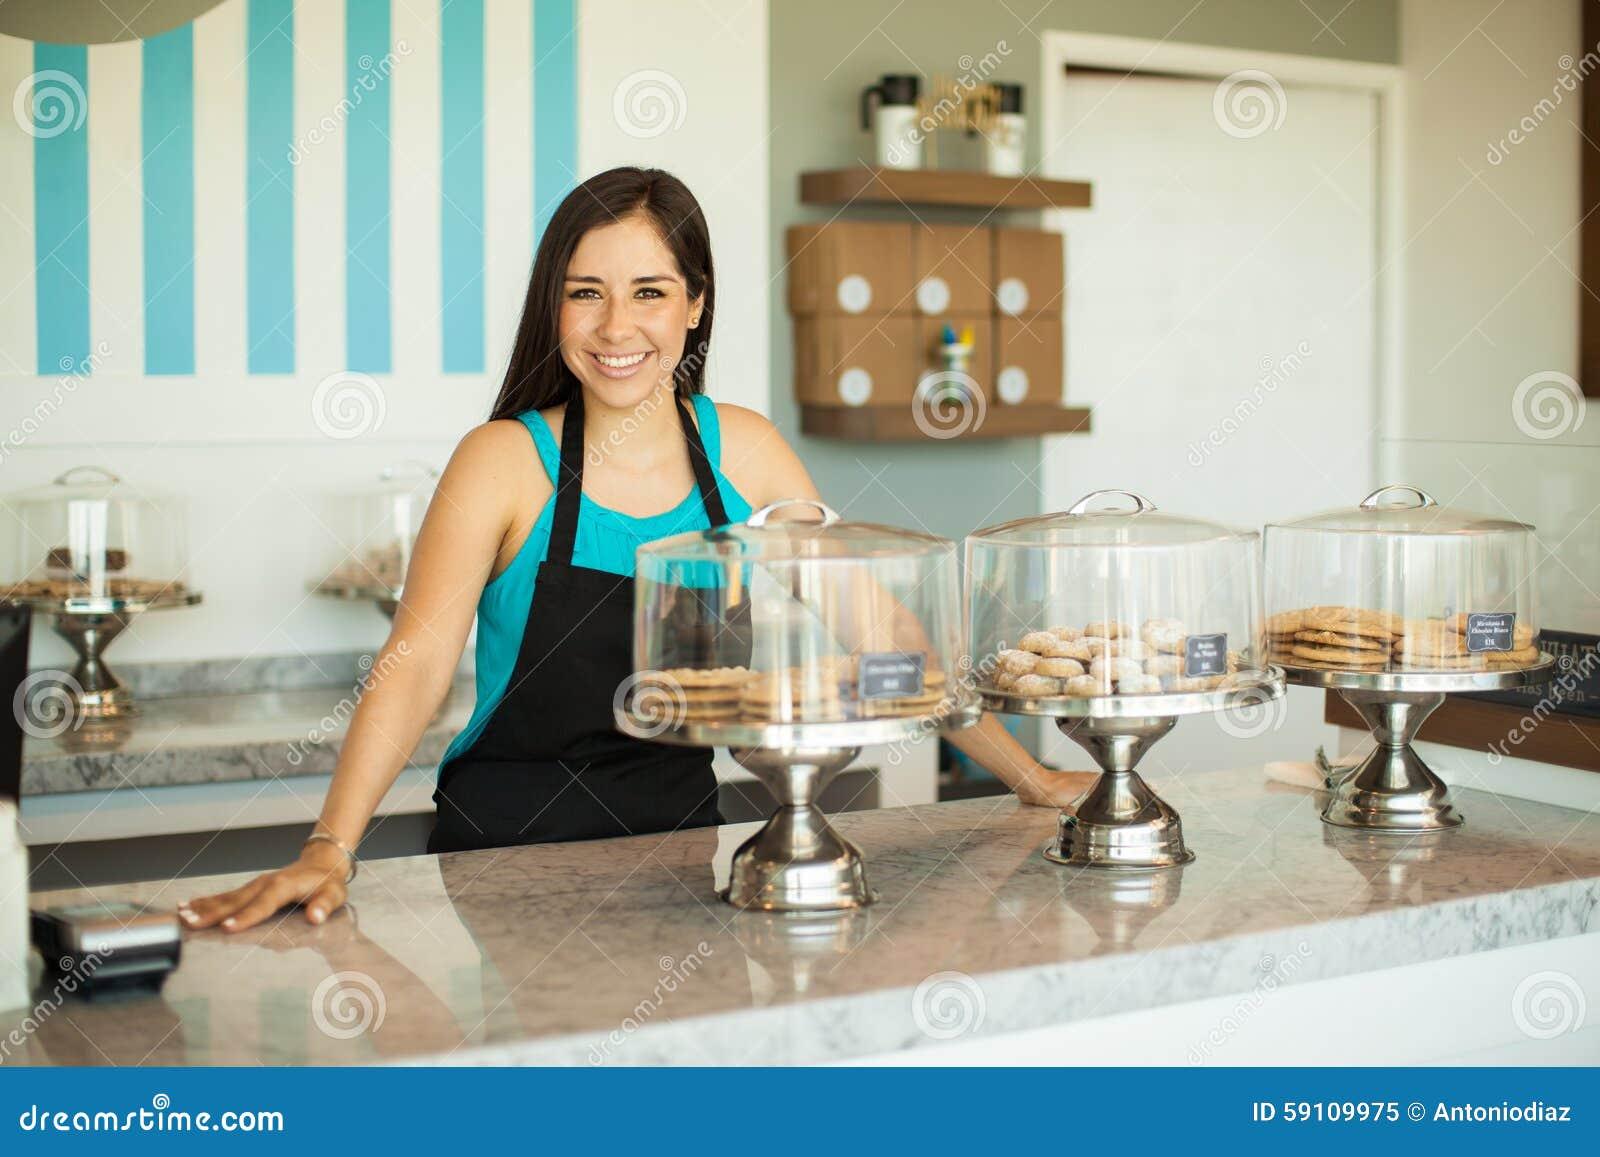 企业主在面包店